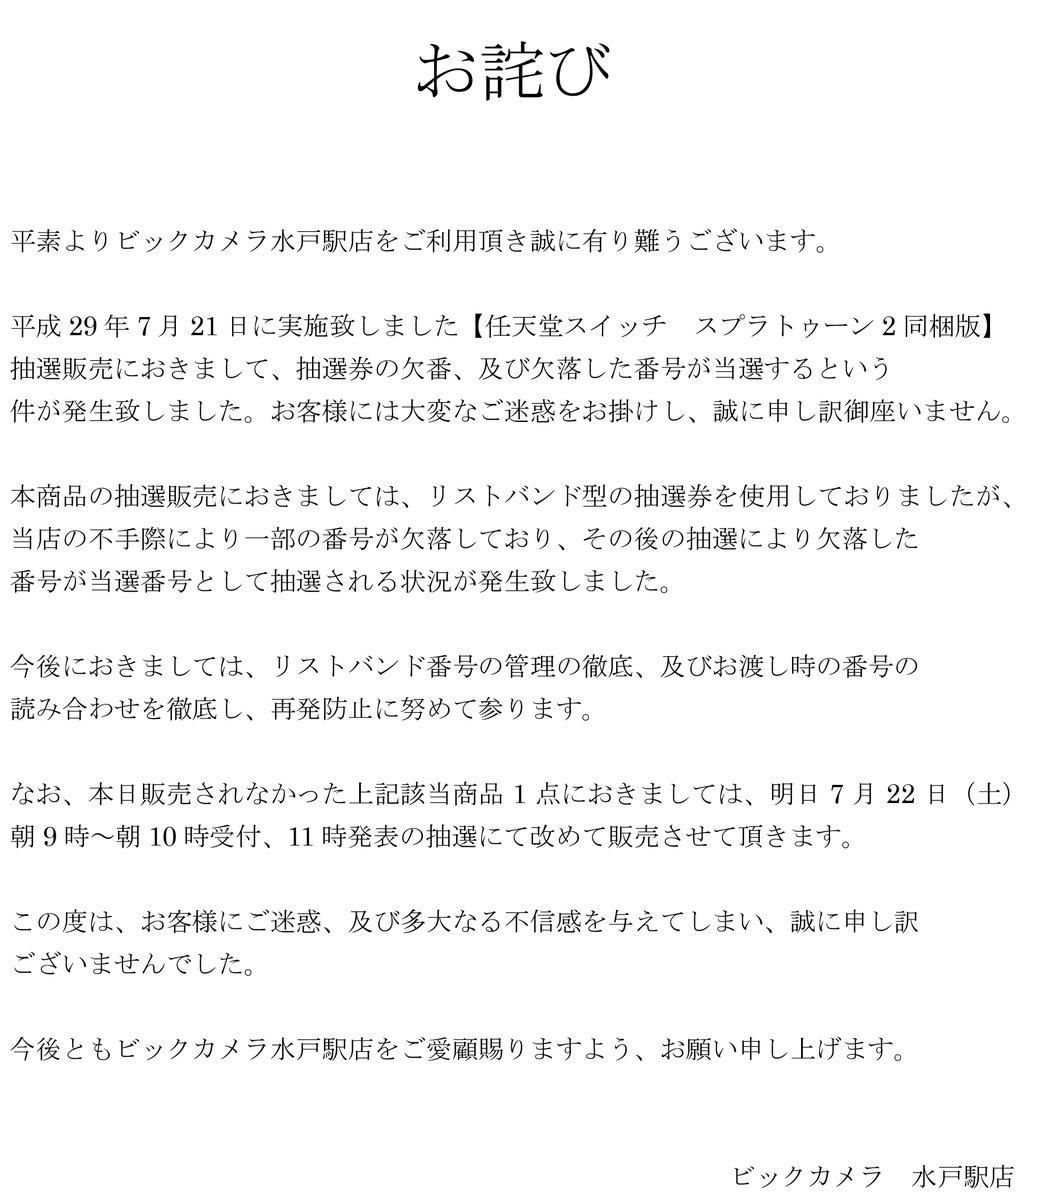 不正暴露後のビッグカメラ水戸駅店お詫び文